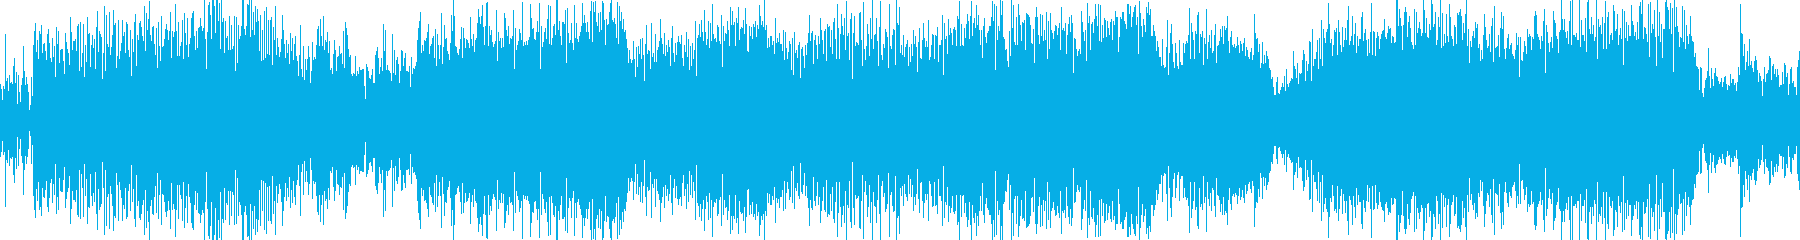 カオスでミステリアスなテクノ曲の再生済みの波形